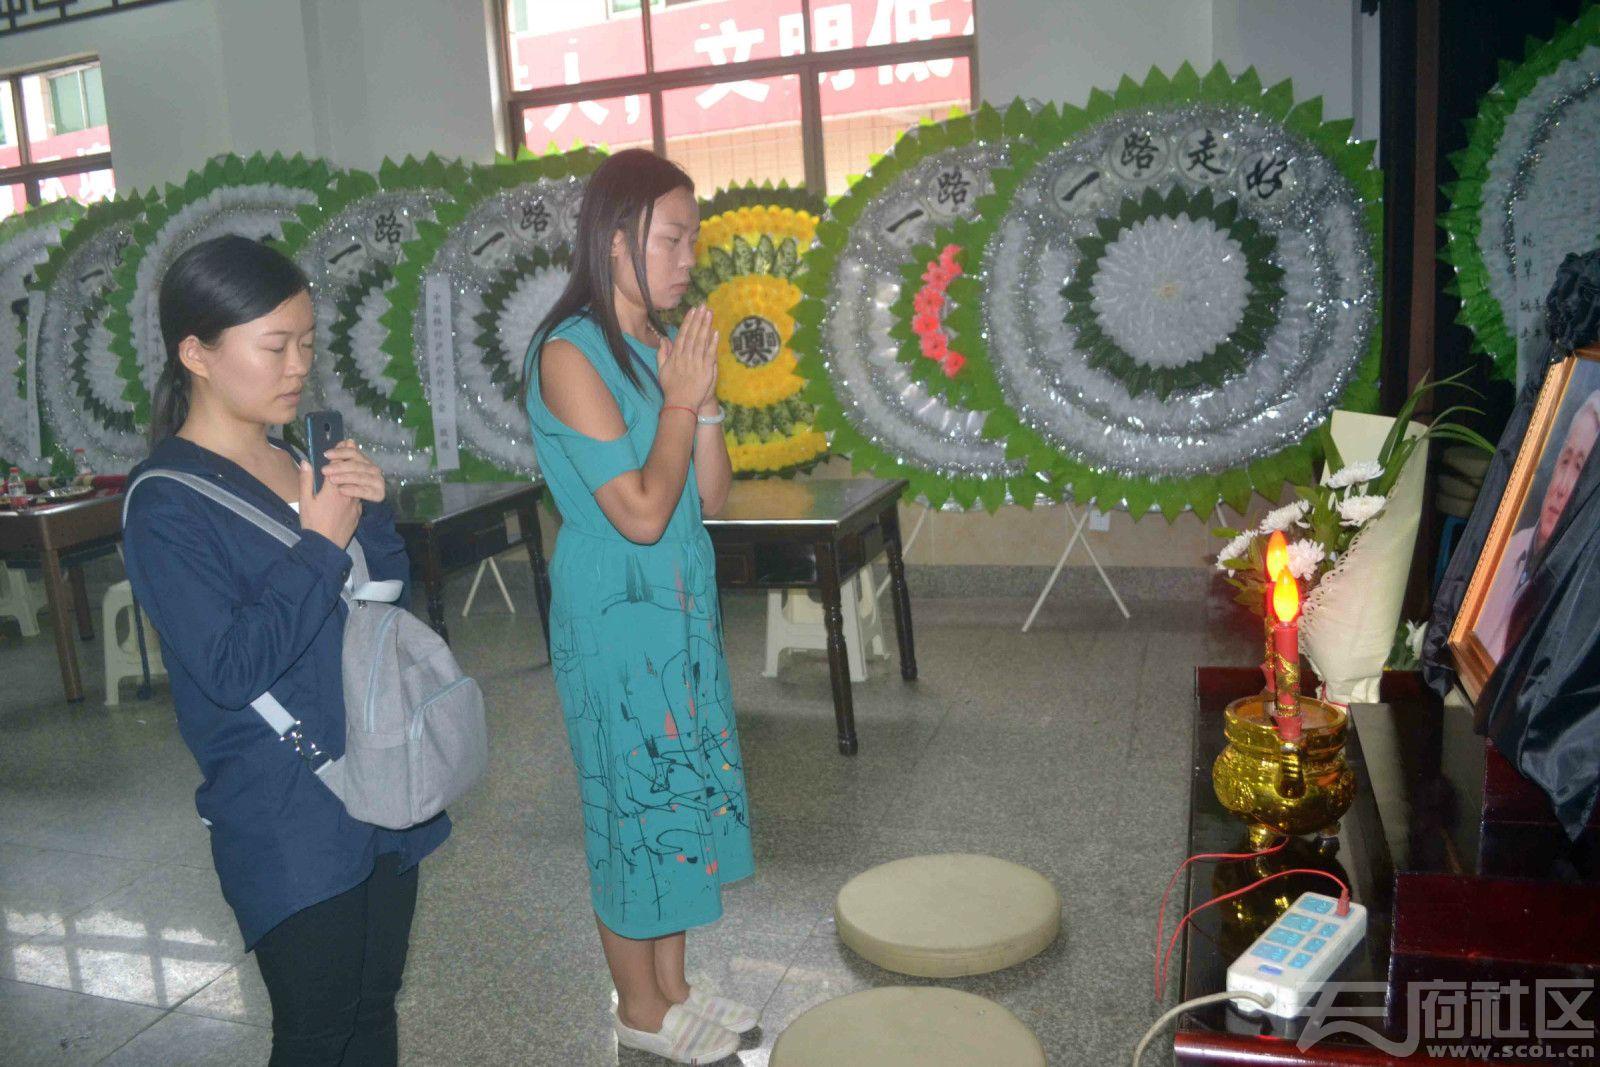 《酒城新报》两位记者来灵堂,表达对逝者蒋维熙老师的哀悼与敬意.jpg